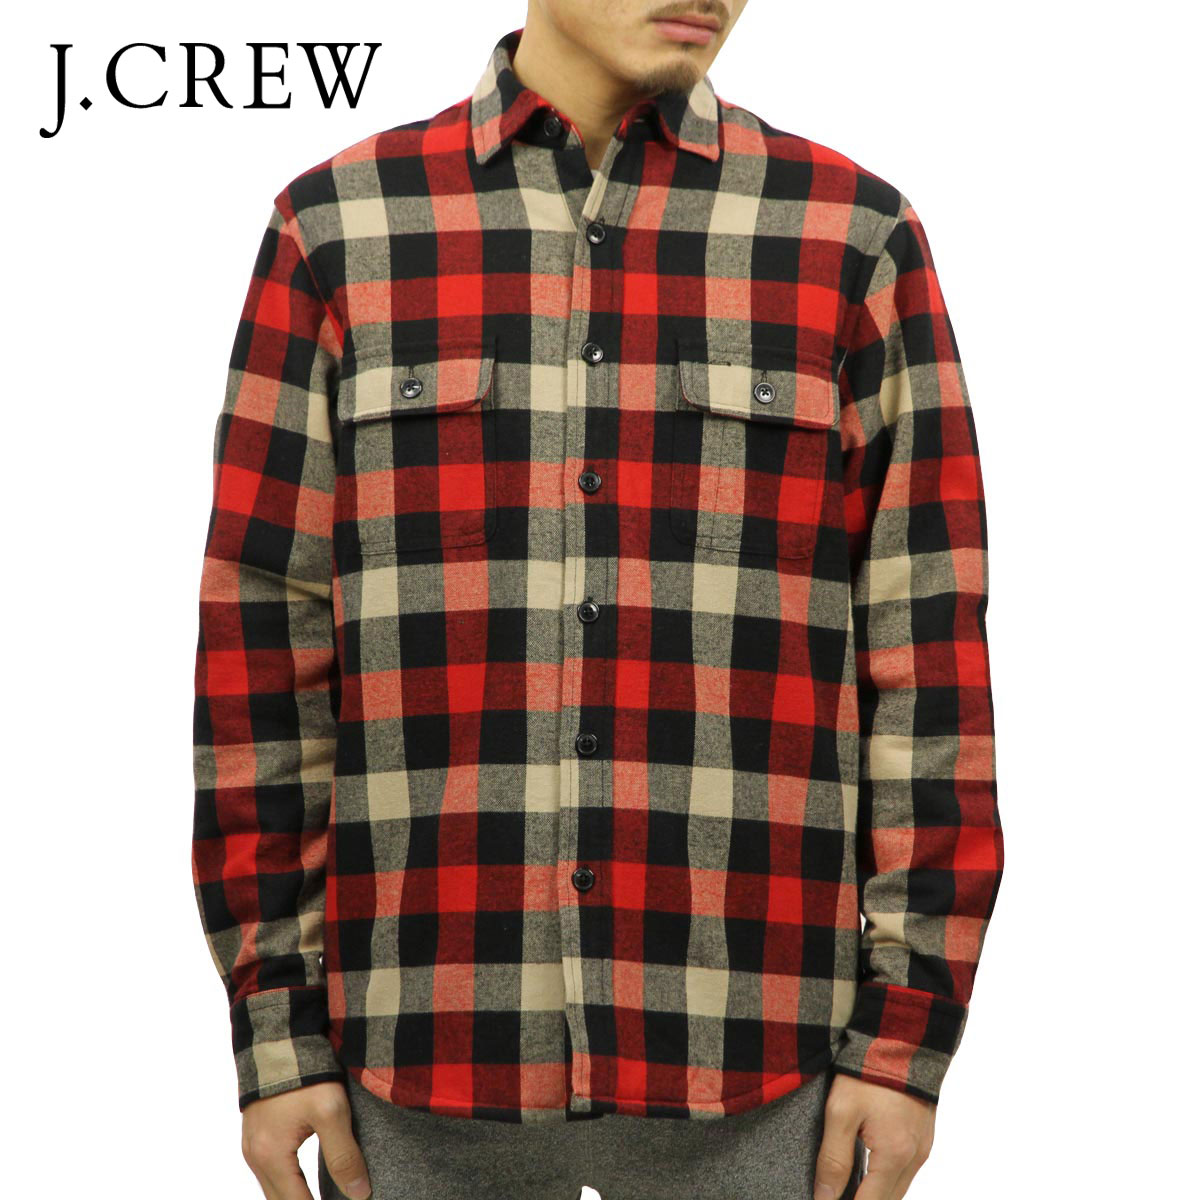 ジェイクルー J.CREW 正規品 メンズ ジャケット SHERPA-LINED FLANNEL JACKET D20S30